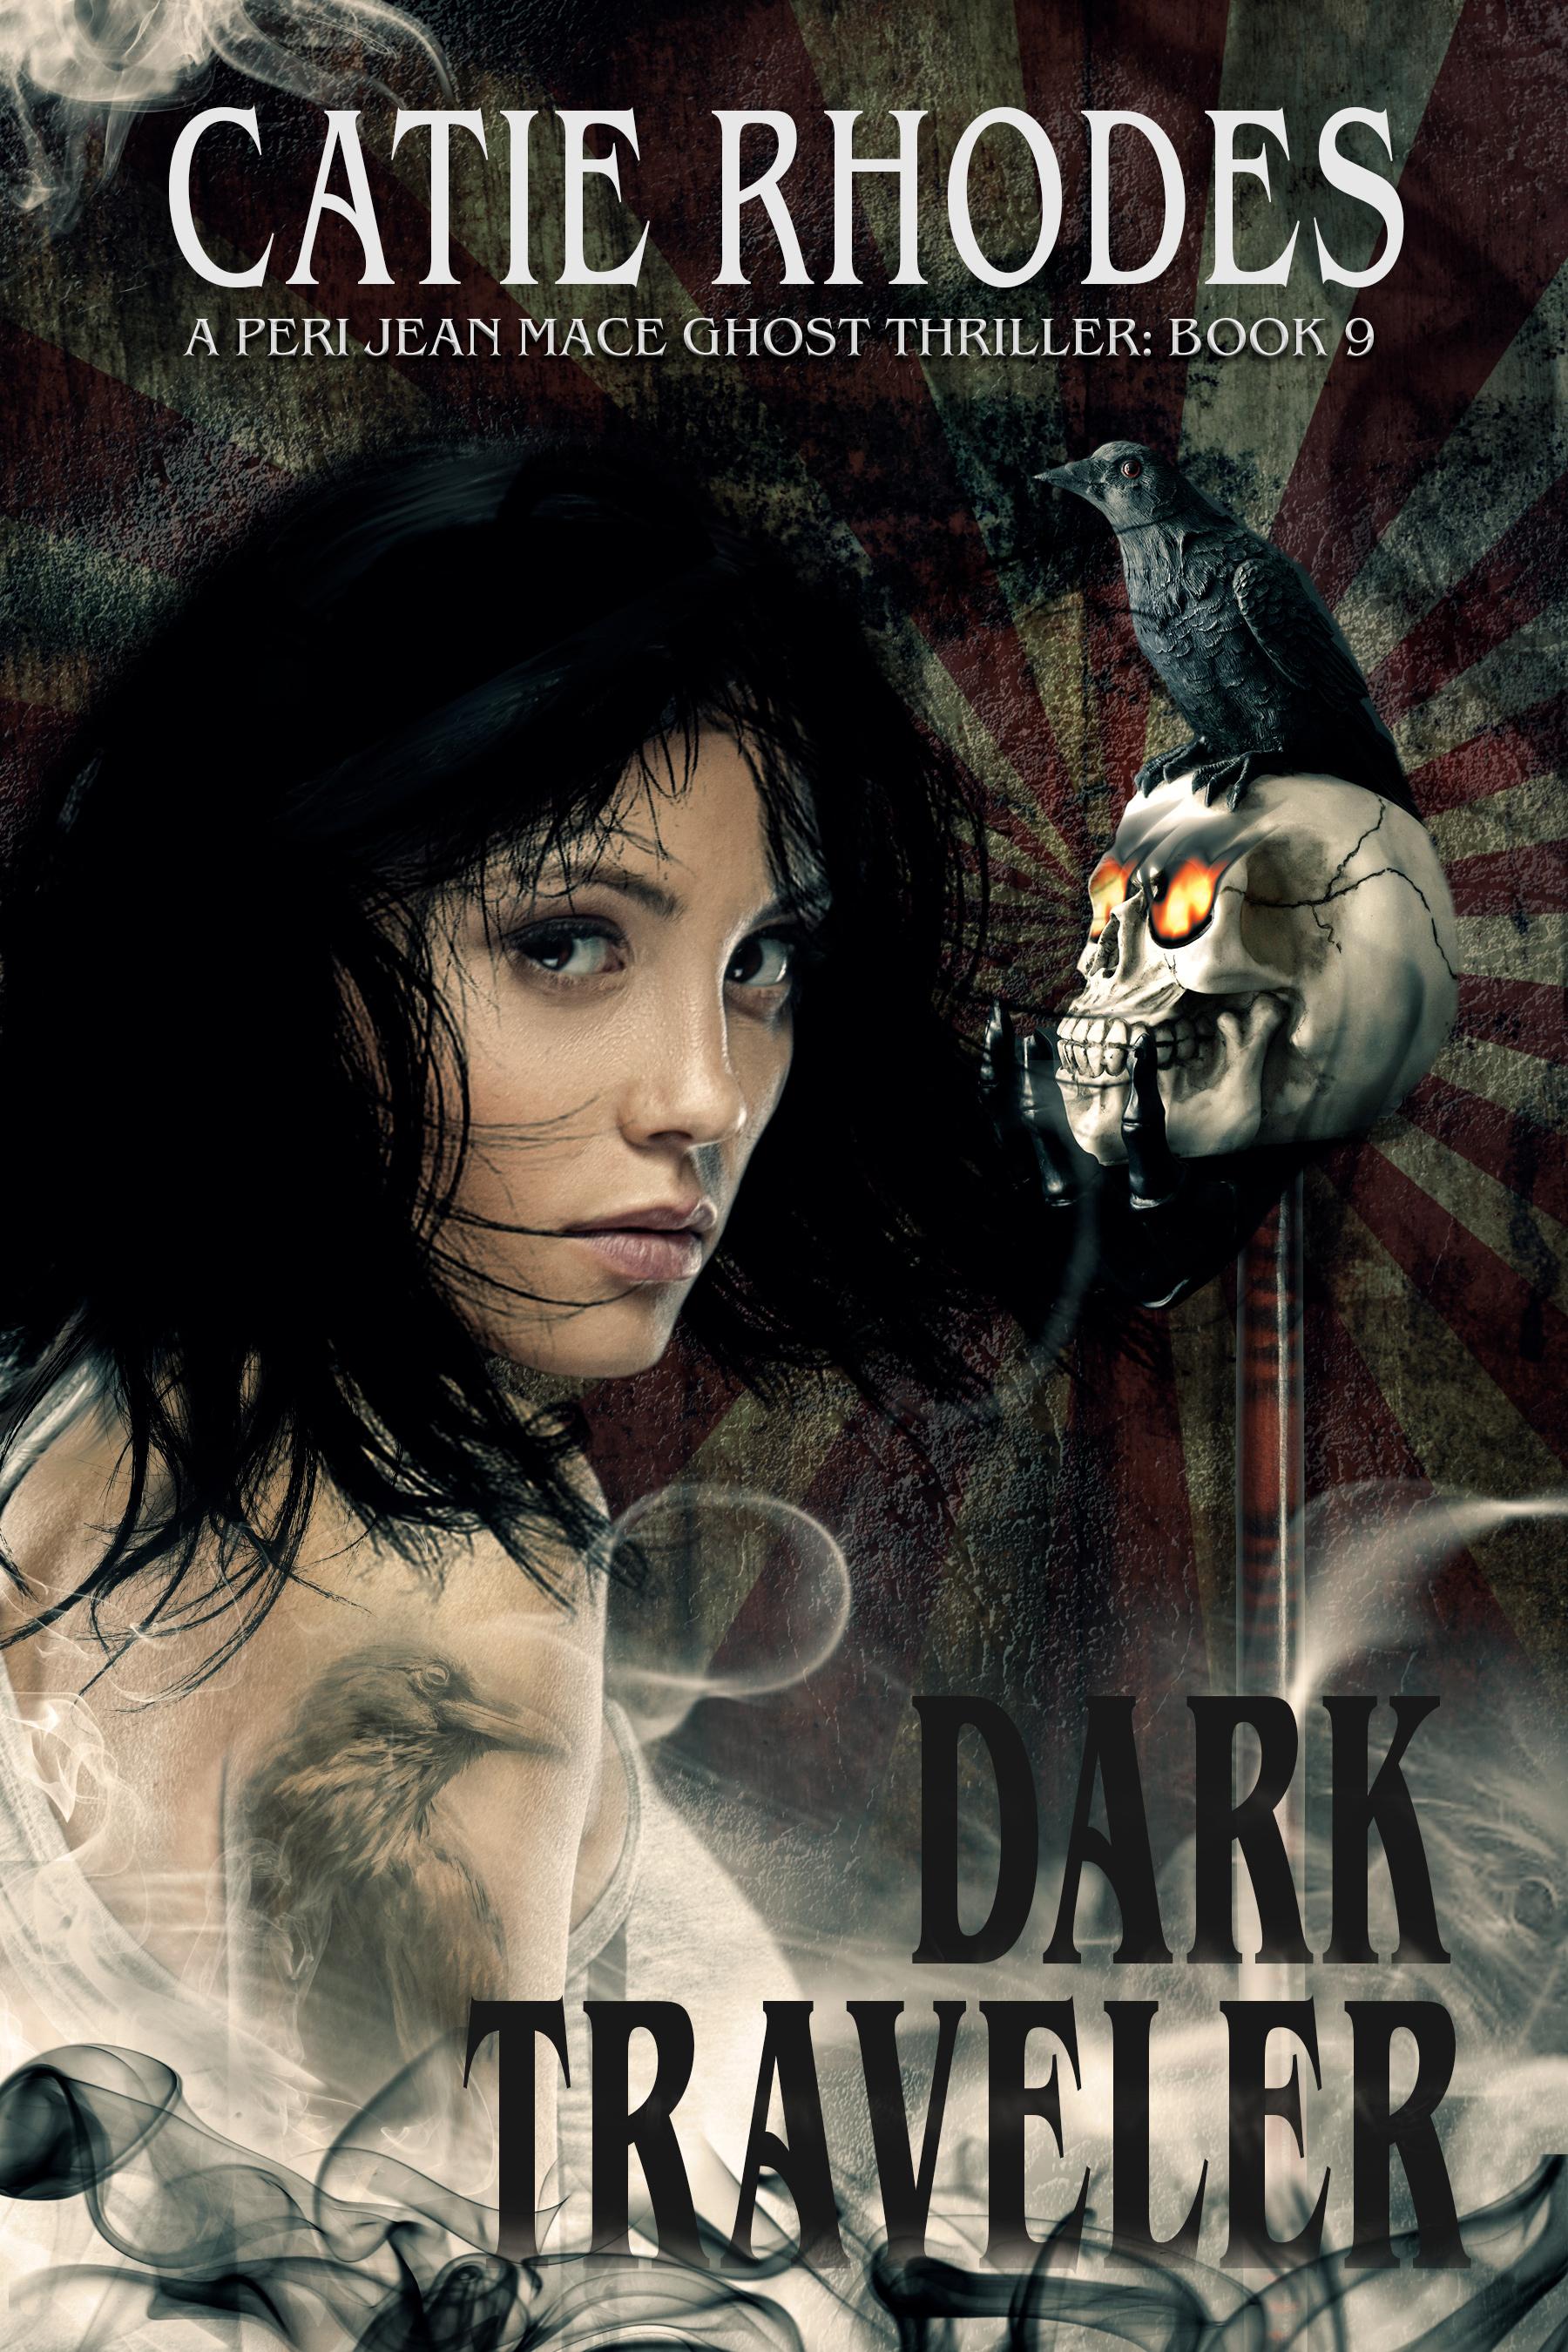 DarkTraveler